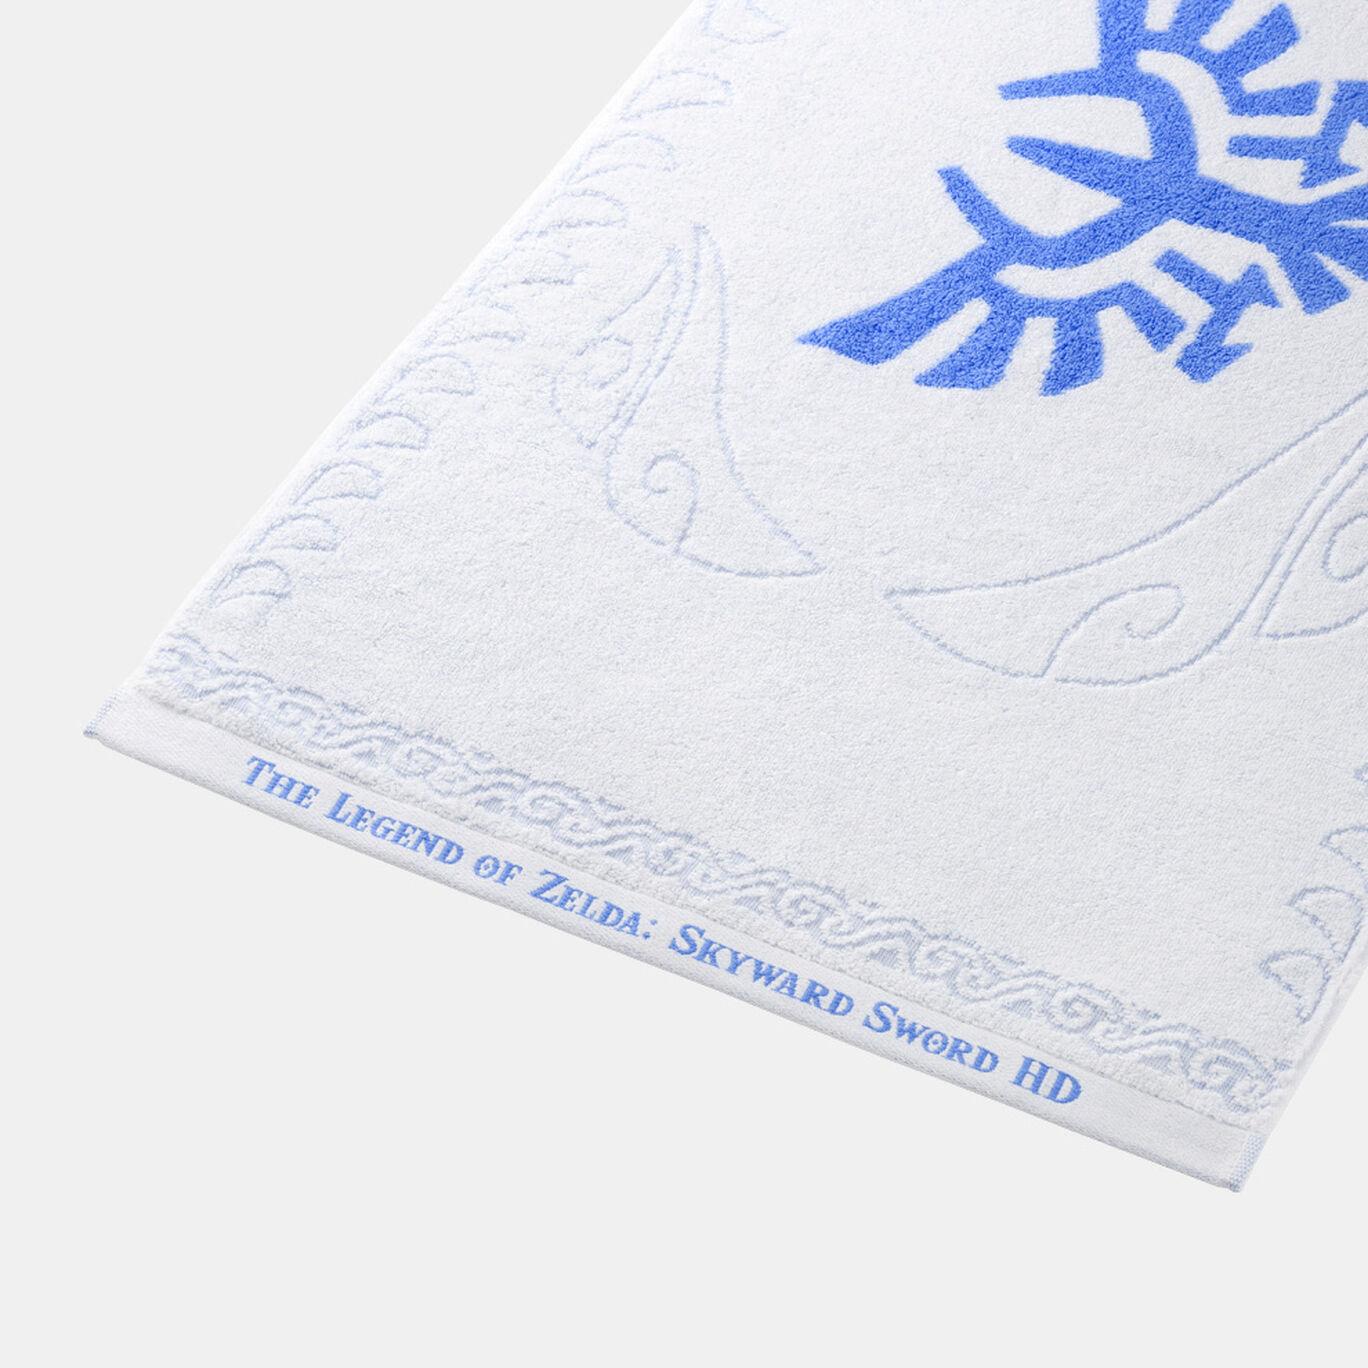 ミニバスタオル パラショール ゼルダの伝説 スカイウォードソード HD【Nintendo TOKYO取り扱い商品】